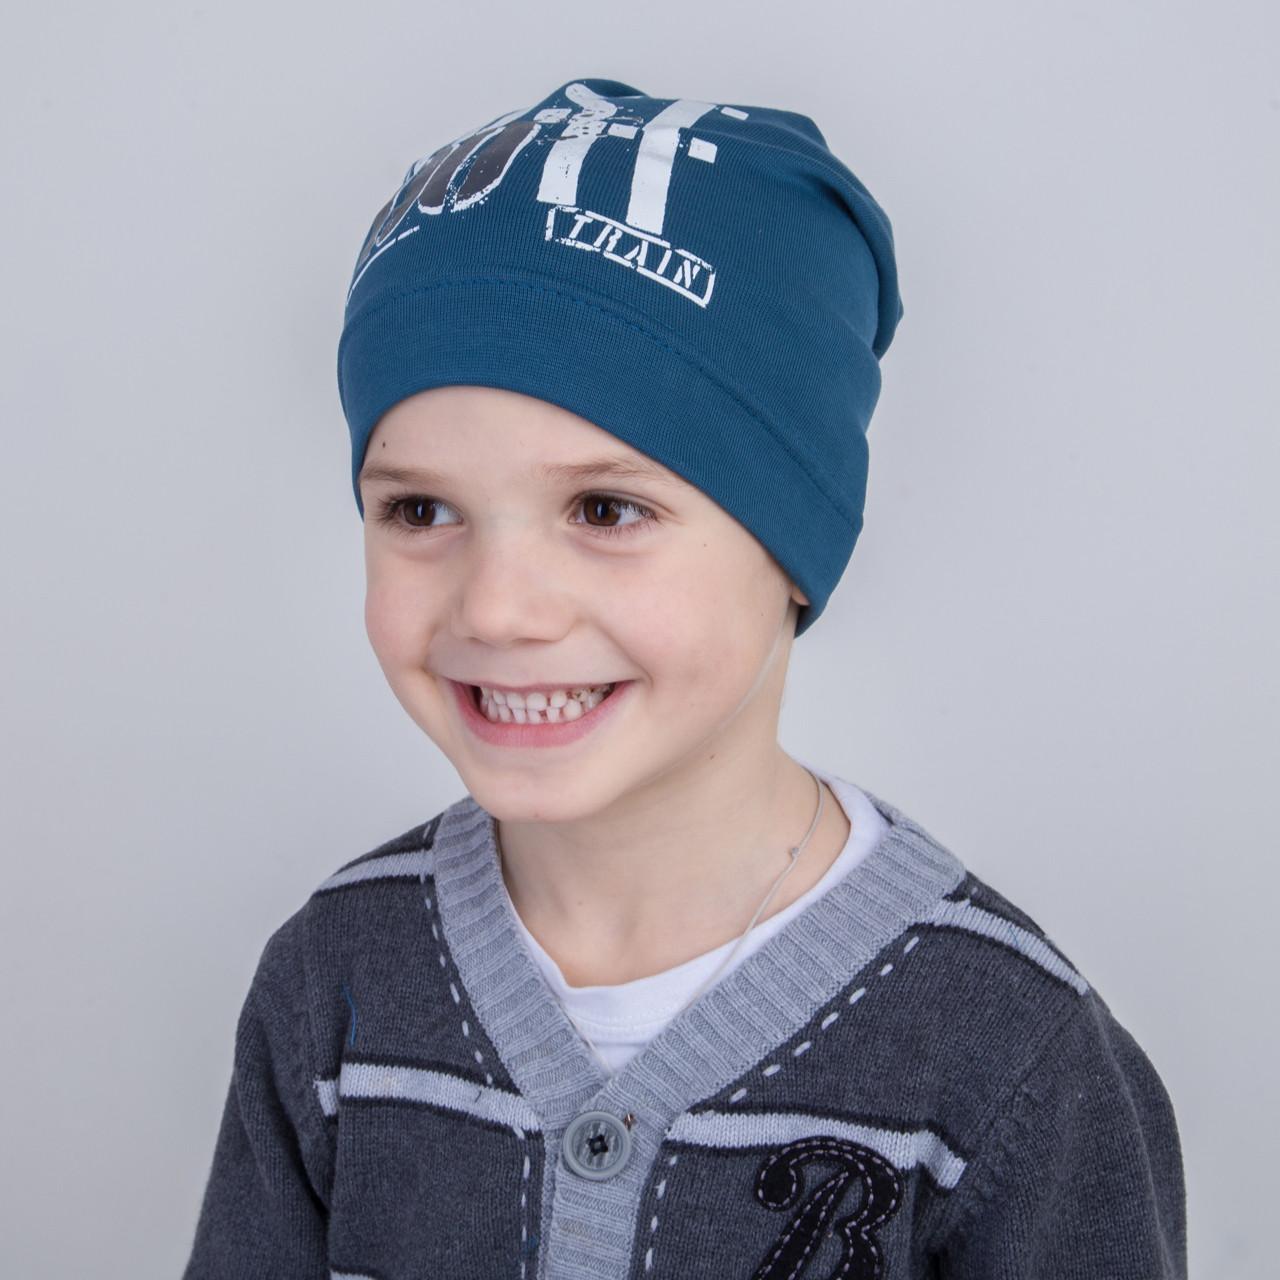 Модная шапка для мальчика на весну 2018 оптом - Артикул 2174